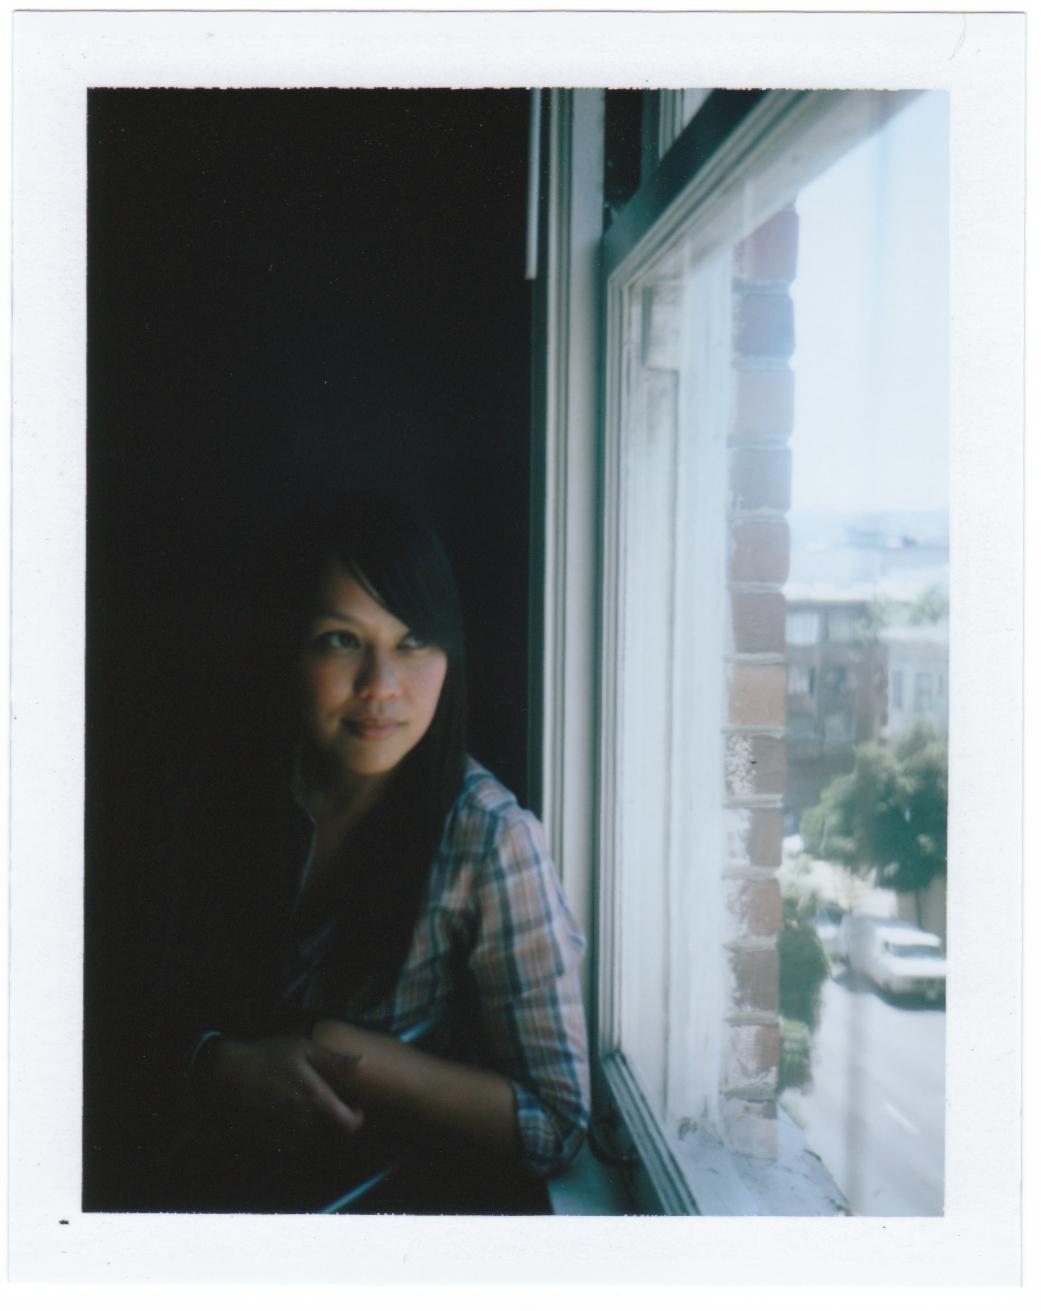 me_window_byJosh